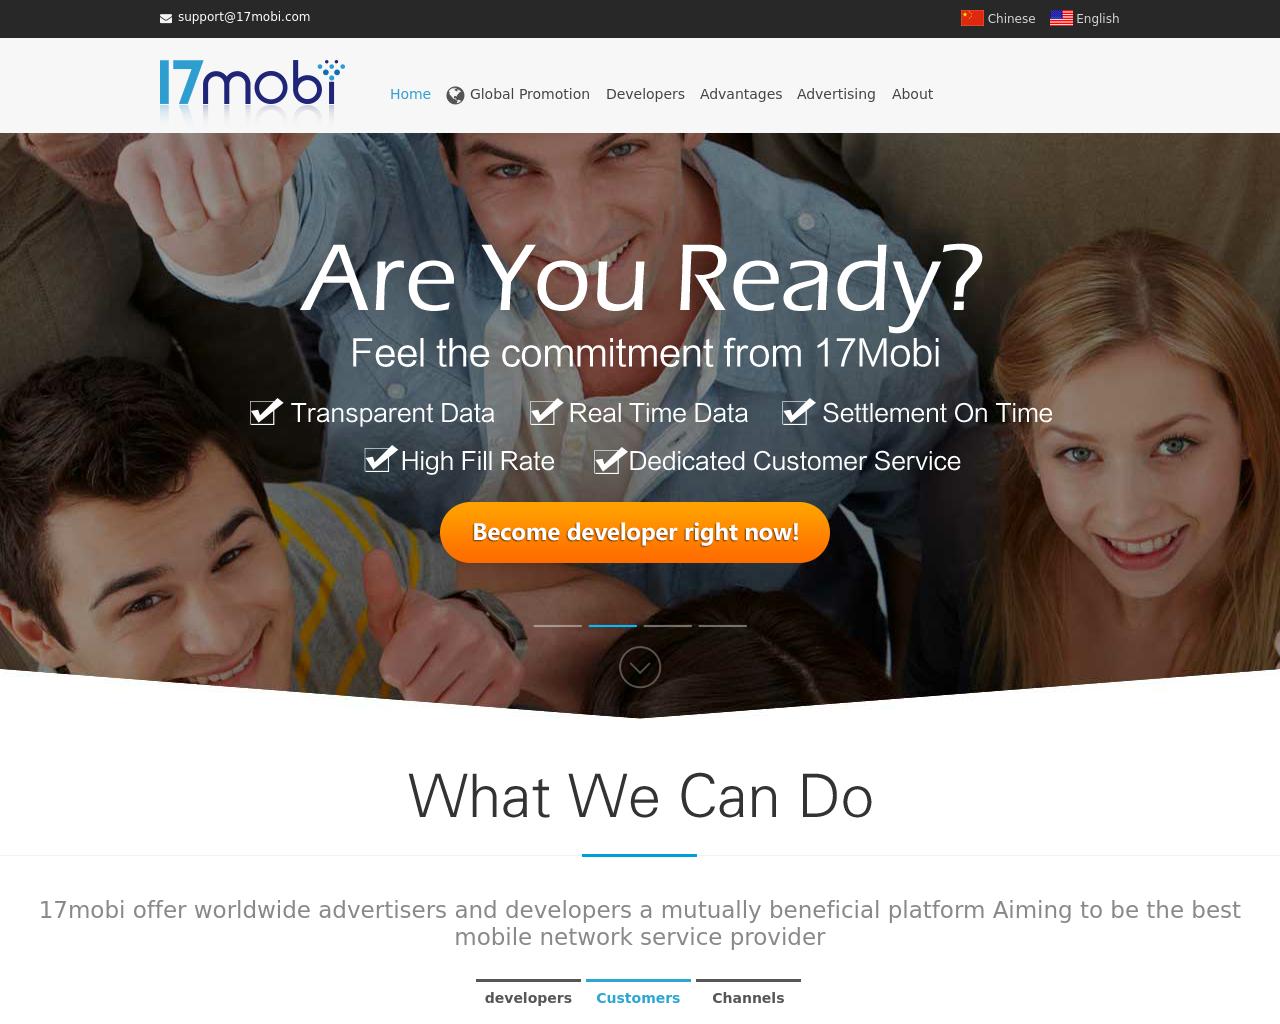 17mobi-Advertising-Reviews-Pricing